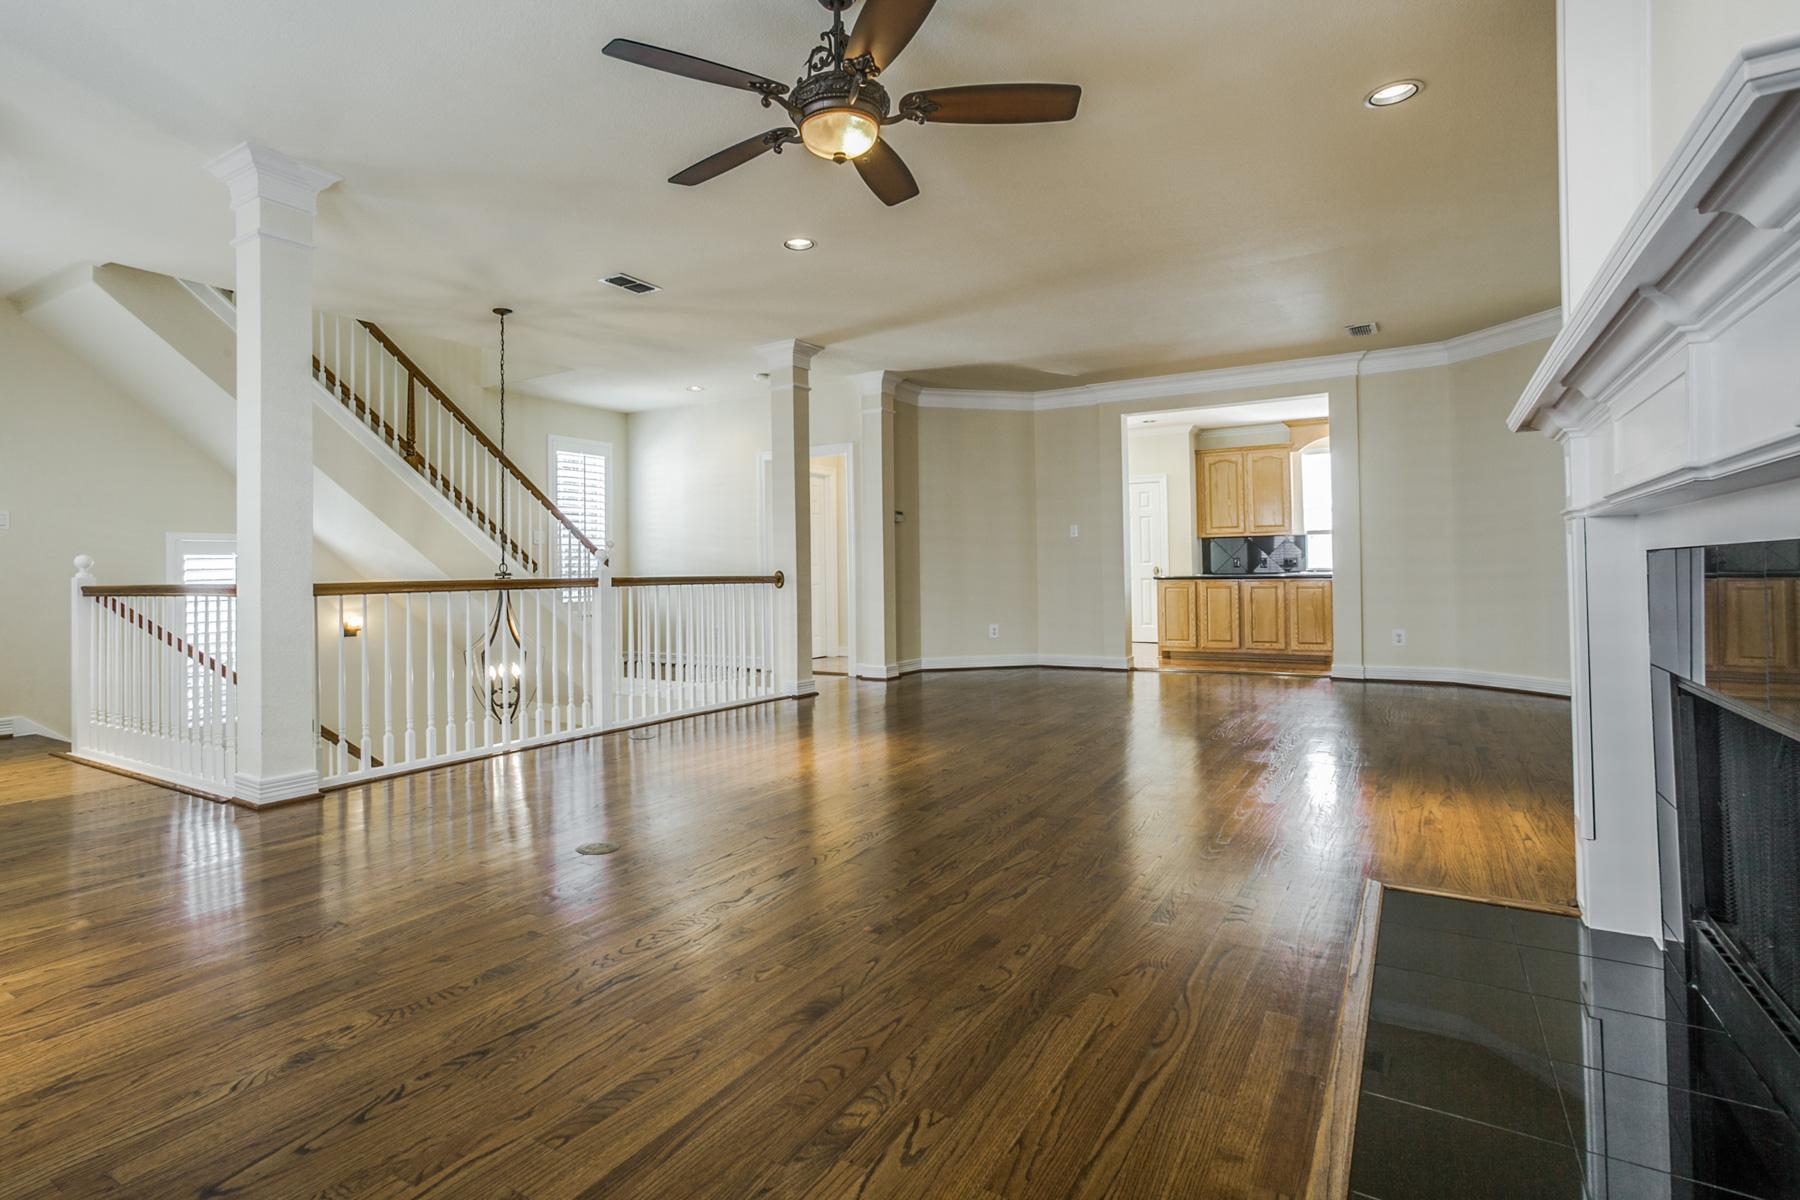 Stadthaus für Verkauf beim 2704 Welborn Street D, DALLAS 2704 Welborn St D Dallas, Texas, 75219 Vereinigte Staaten